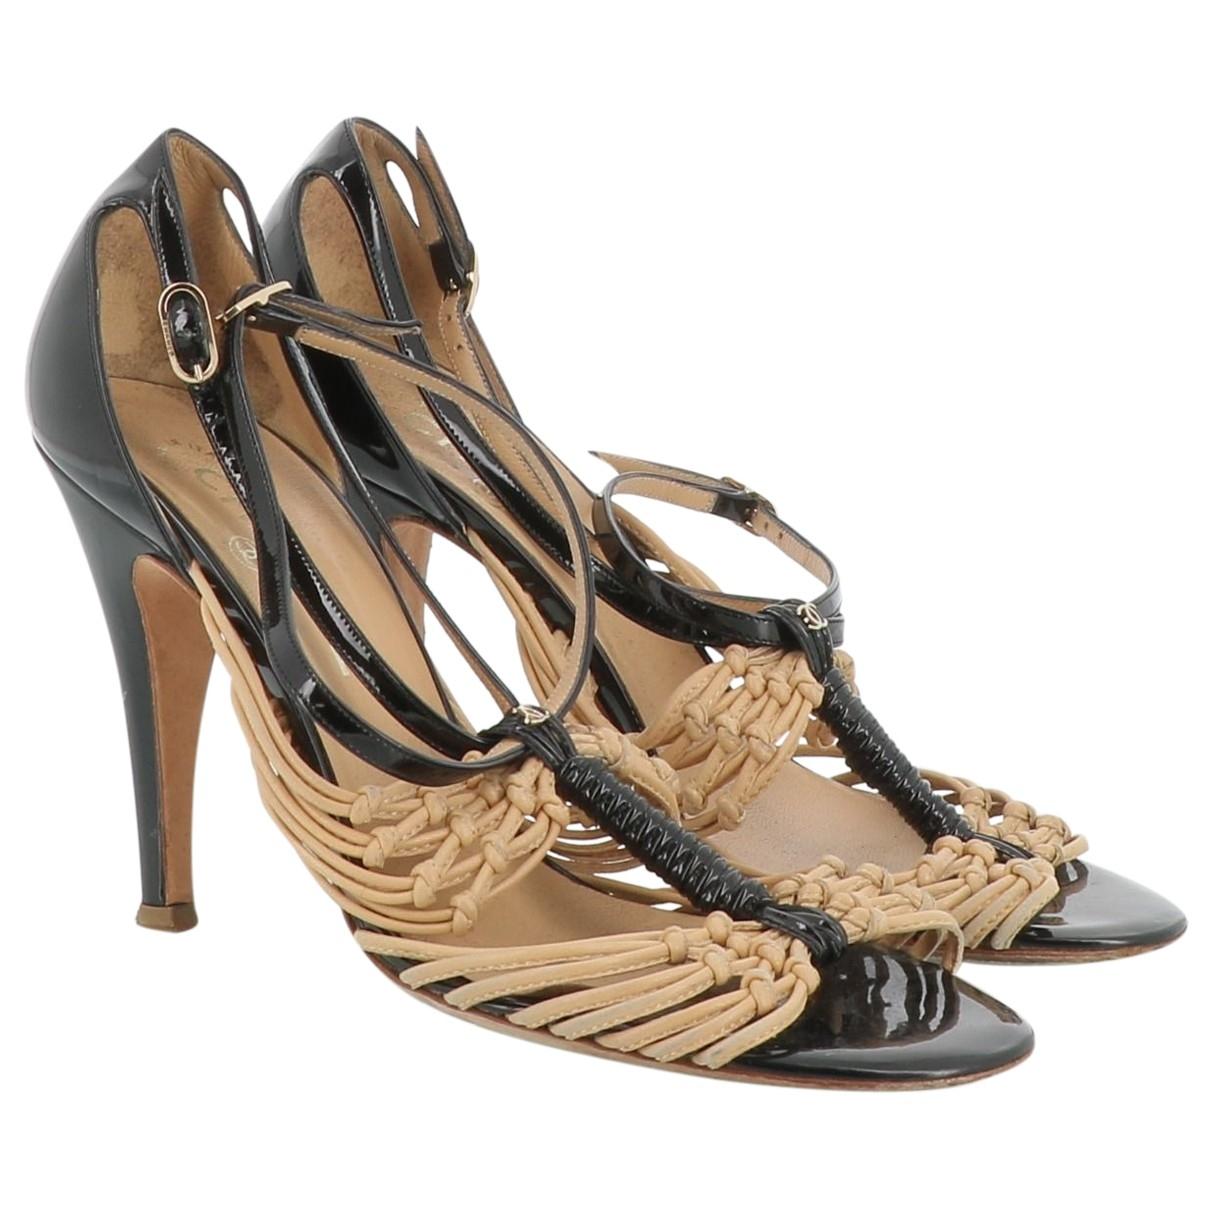 Chanel - Sandales   pour femme en cuir verni - noir